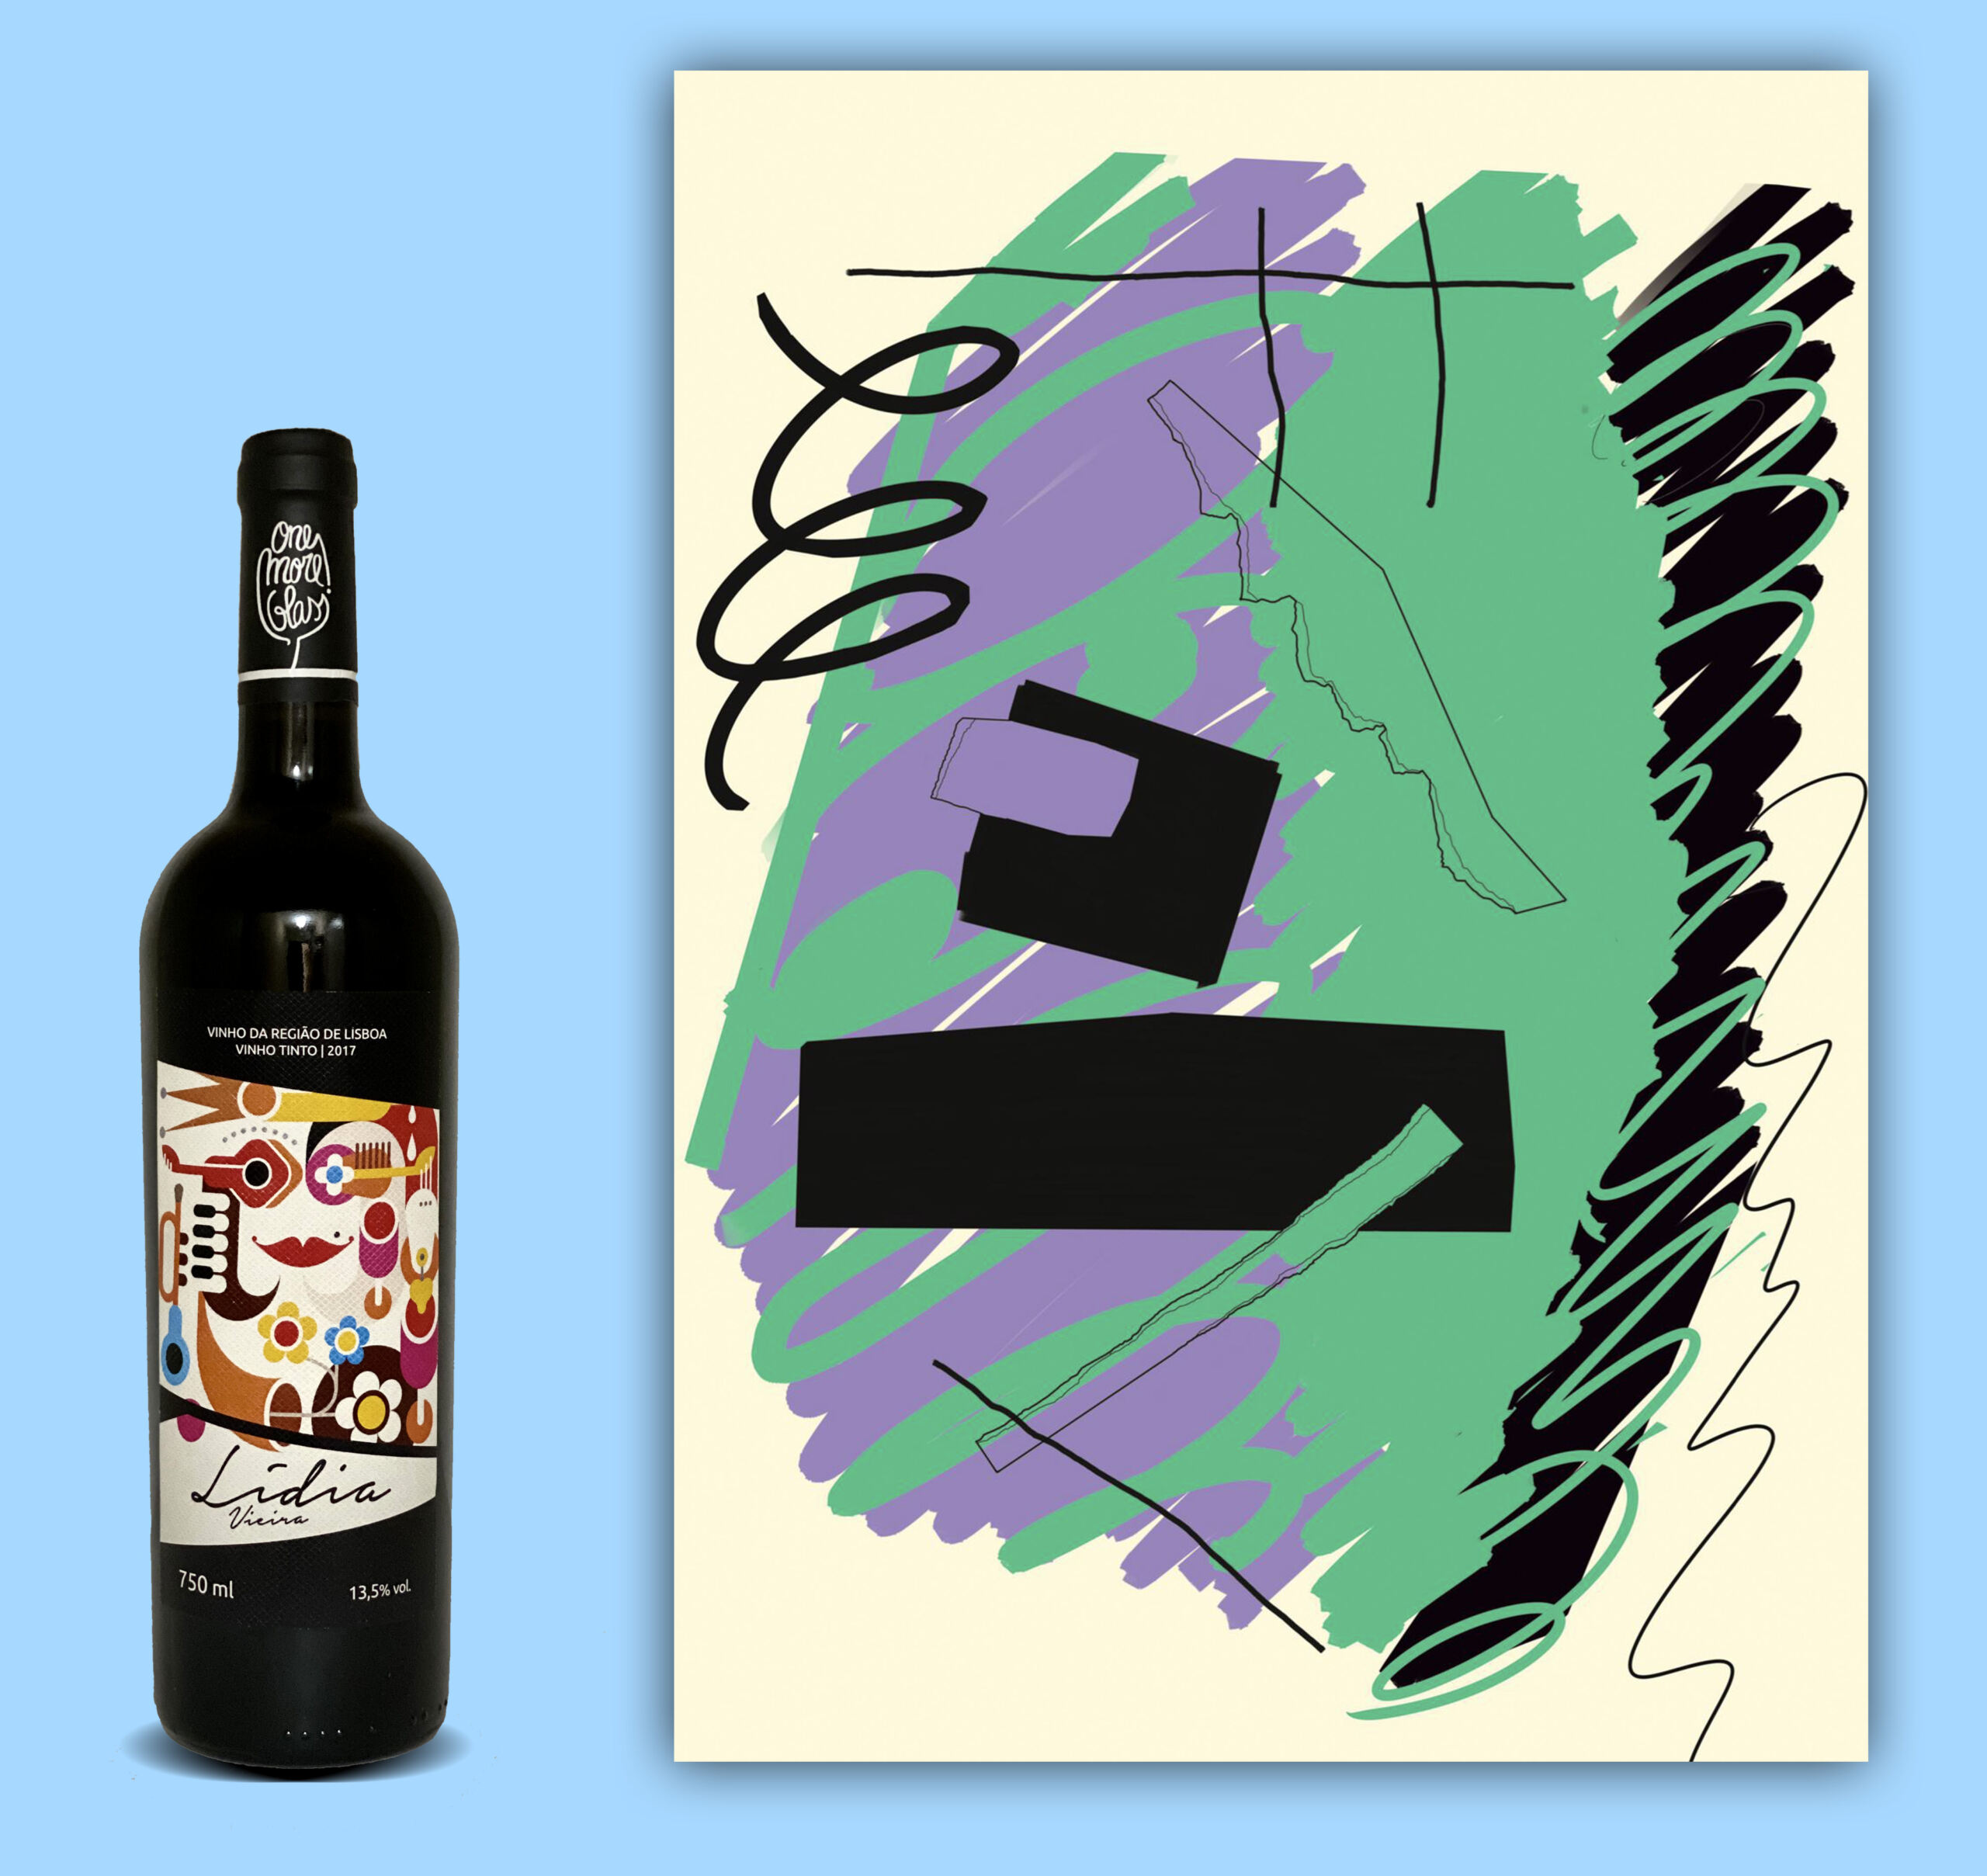 ©VU / DR. | O vinho da One More Glass e a serigrafia de Mariana Simão disponíveis nos kits.